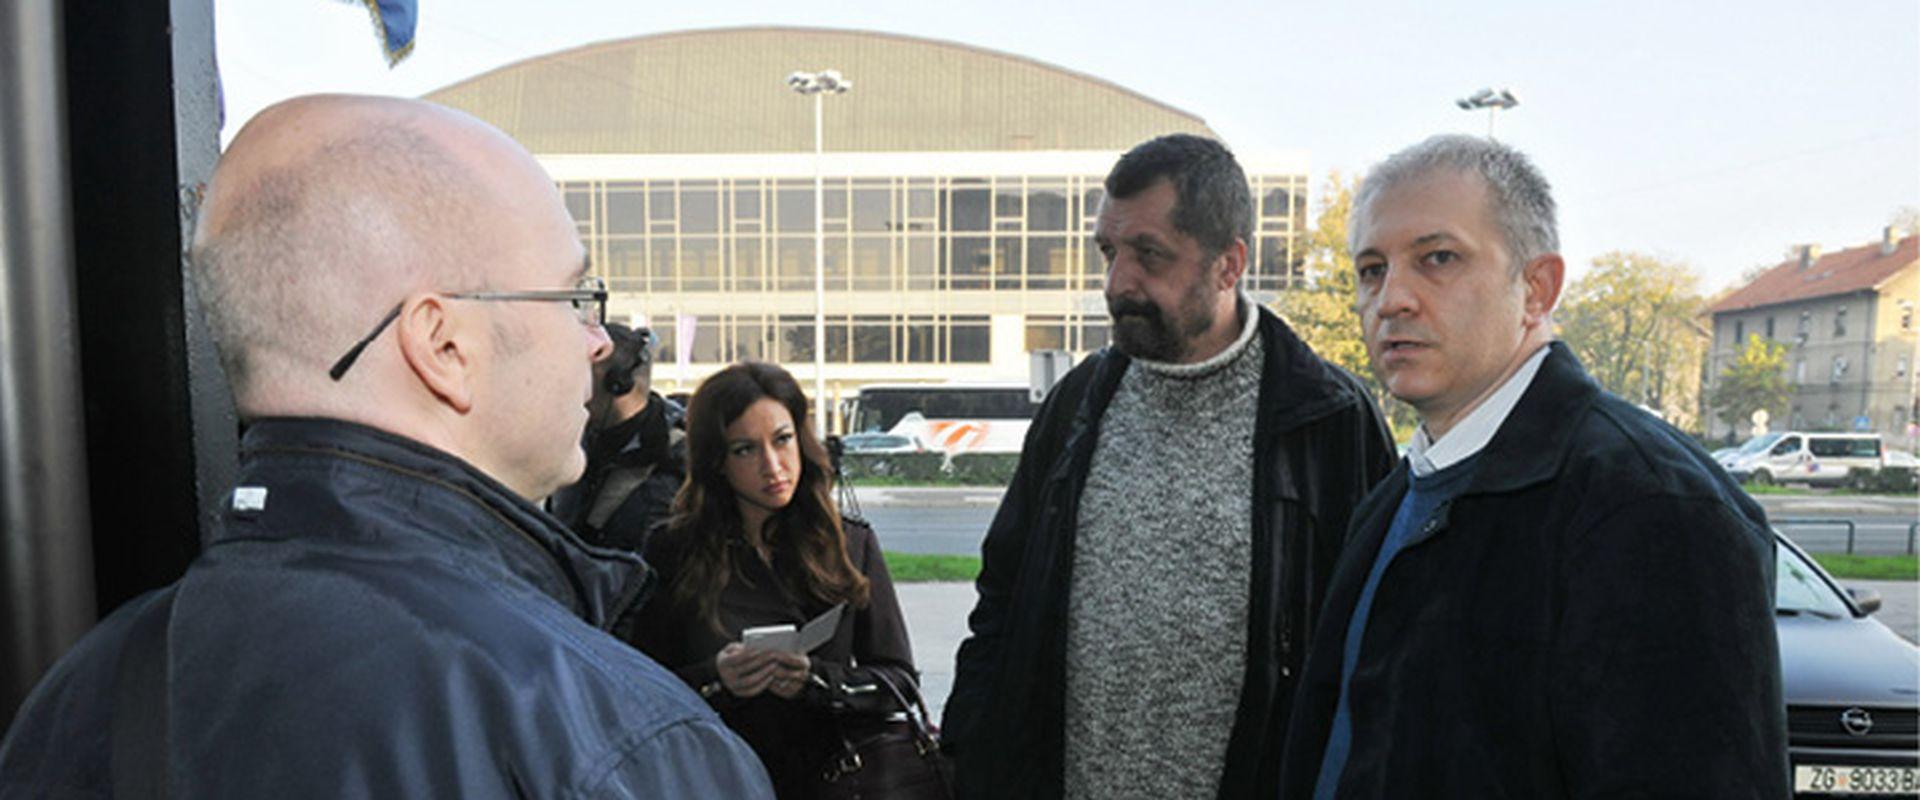 Brkić dao Karamarku ispričnicu zbog nedolaska na suđenje protiv Nacionala